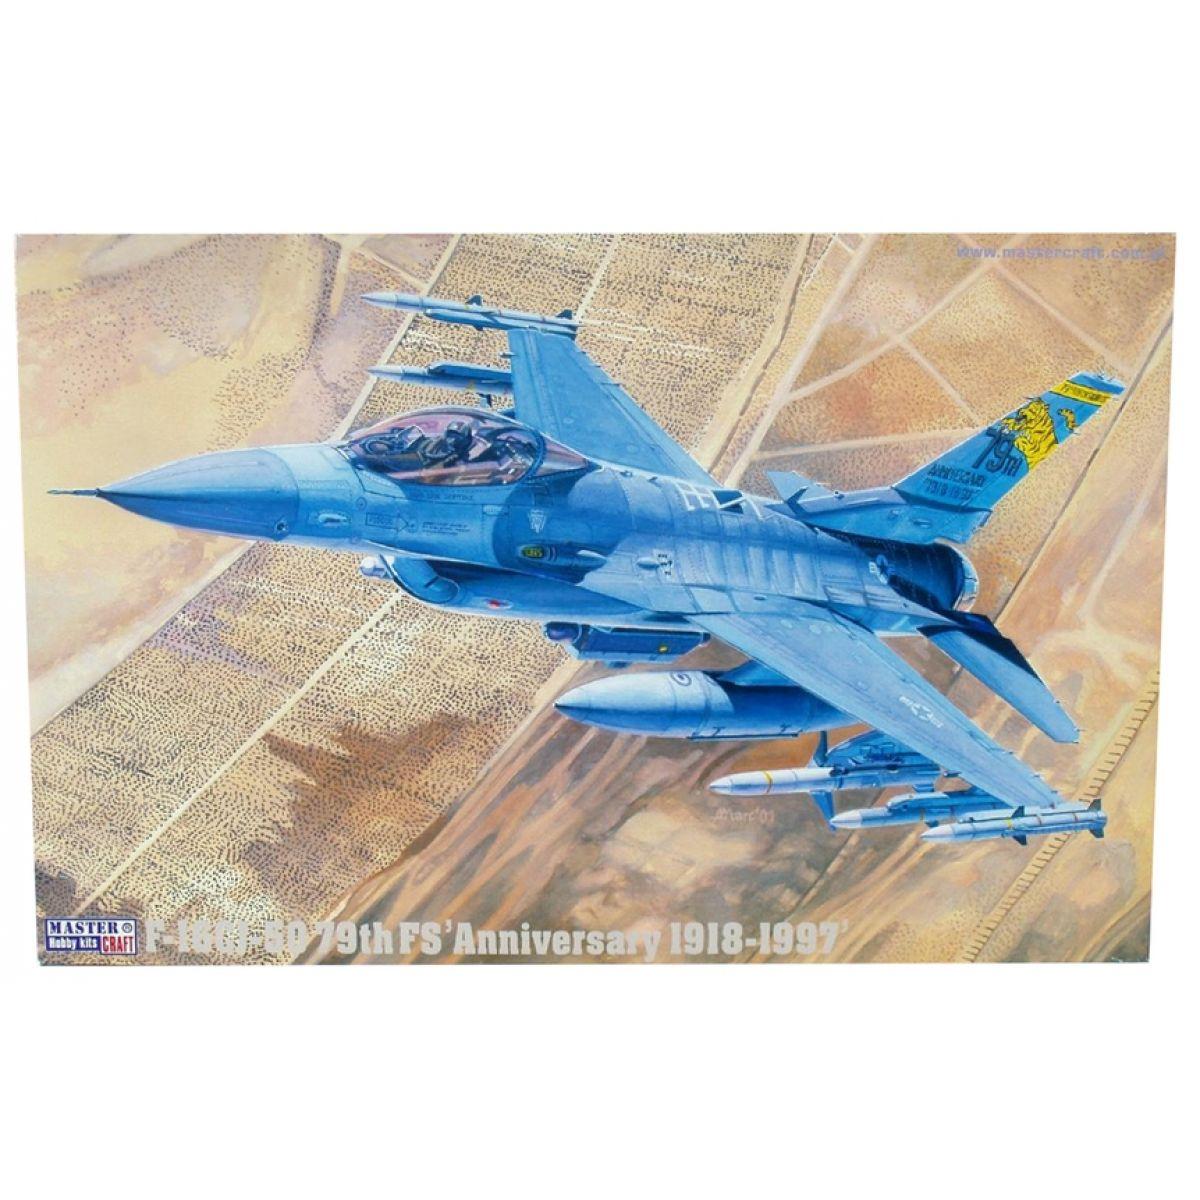 Master Craft Bojový letoun F16CJ-5079th FS´Anniversary 1918-1997 - Série IV